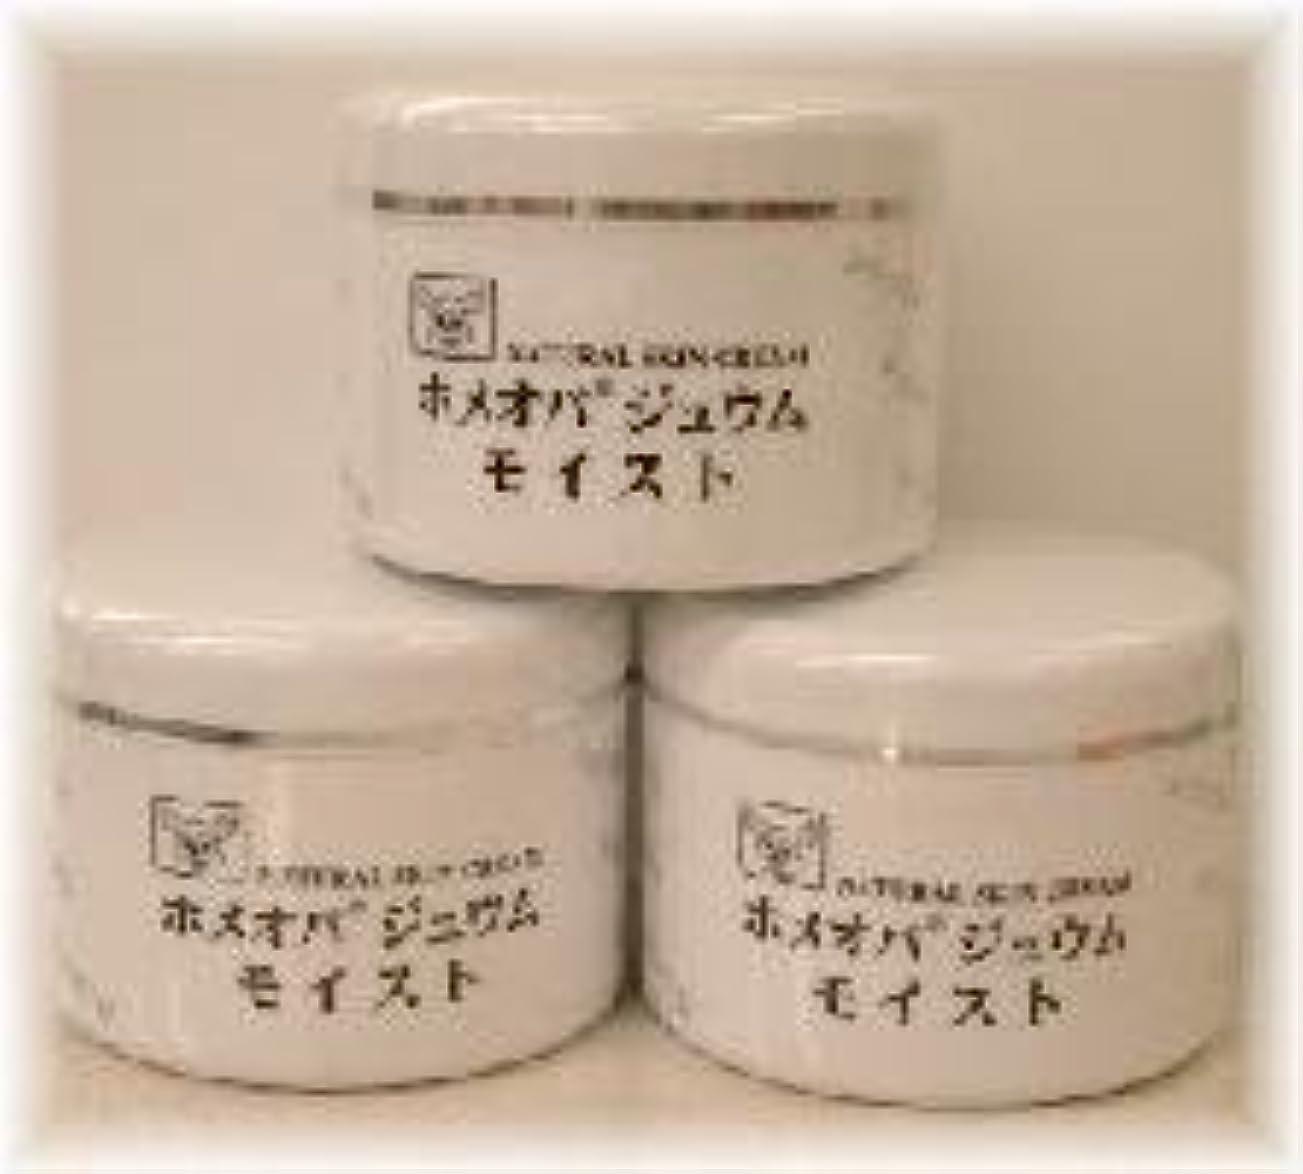 素朴な機関燃やすホメオパジュウム スキンケア商品3点 ¥10500クリームモイストx3個